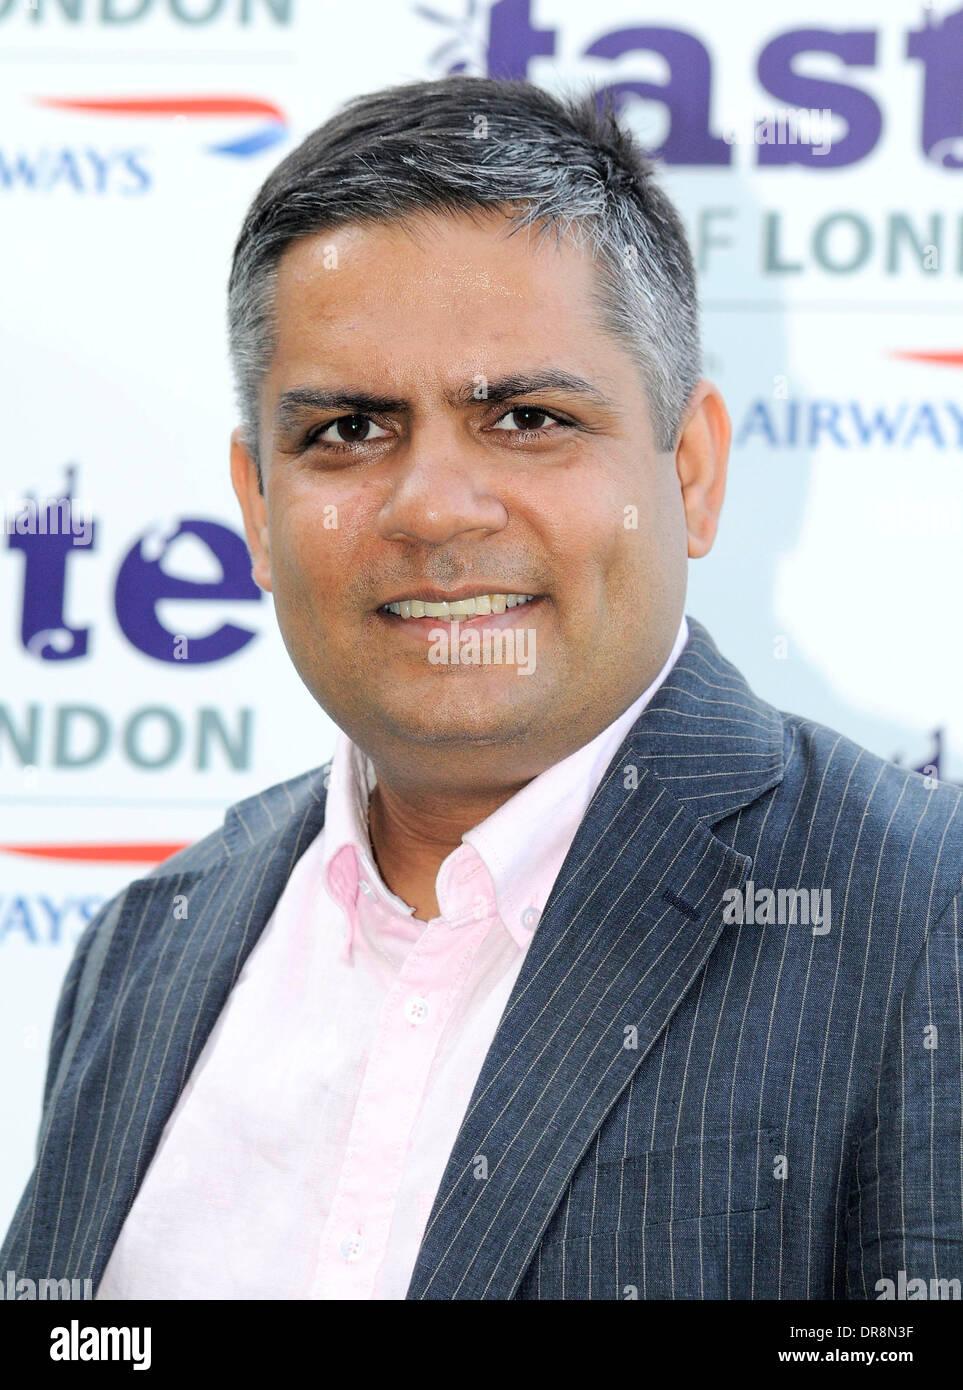 Vivek Singh,  at the 'Taste Awards' held at Regents Park - Arrivals London, England - 20.06.12 - Stock Image